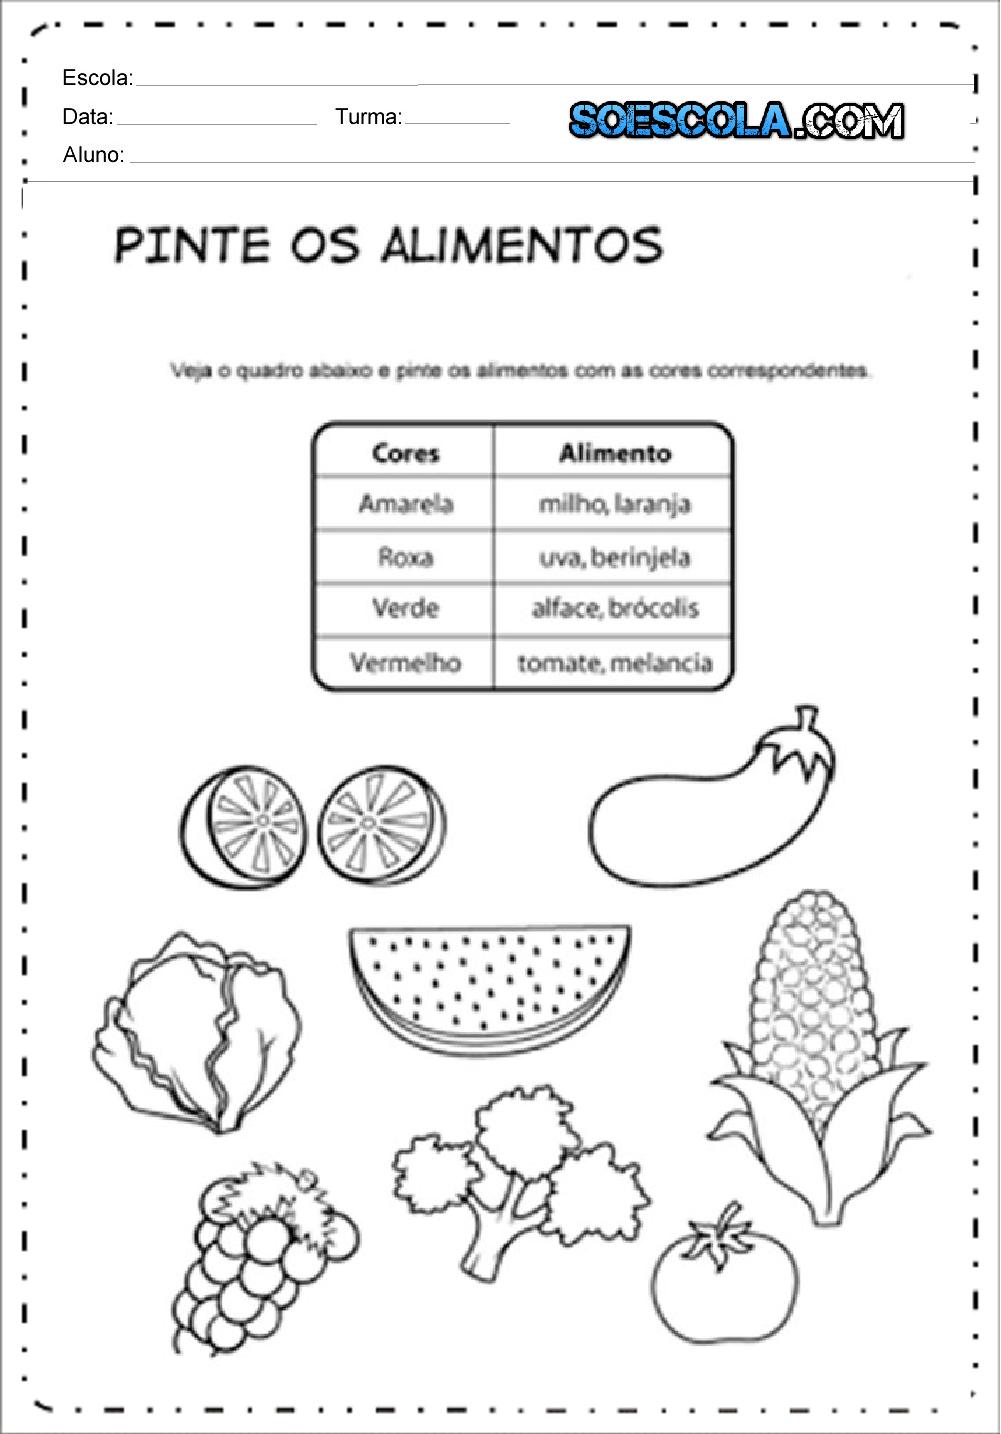 Atividades de Alimentação Saudável 2 ano do Ensino Fundamental.